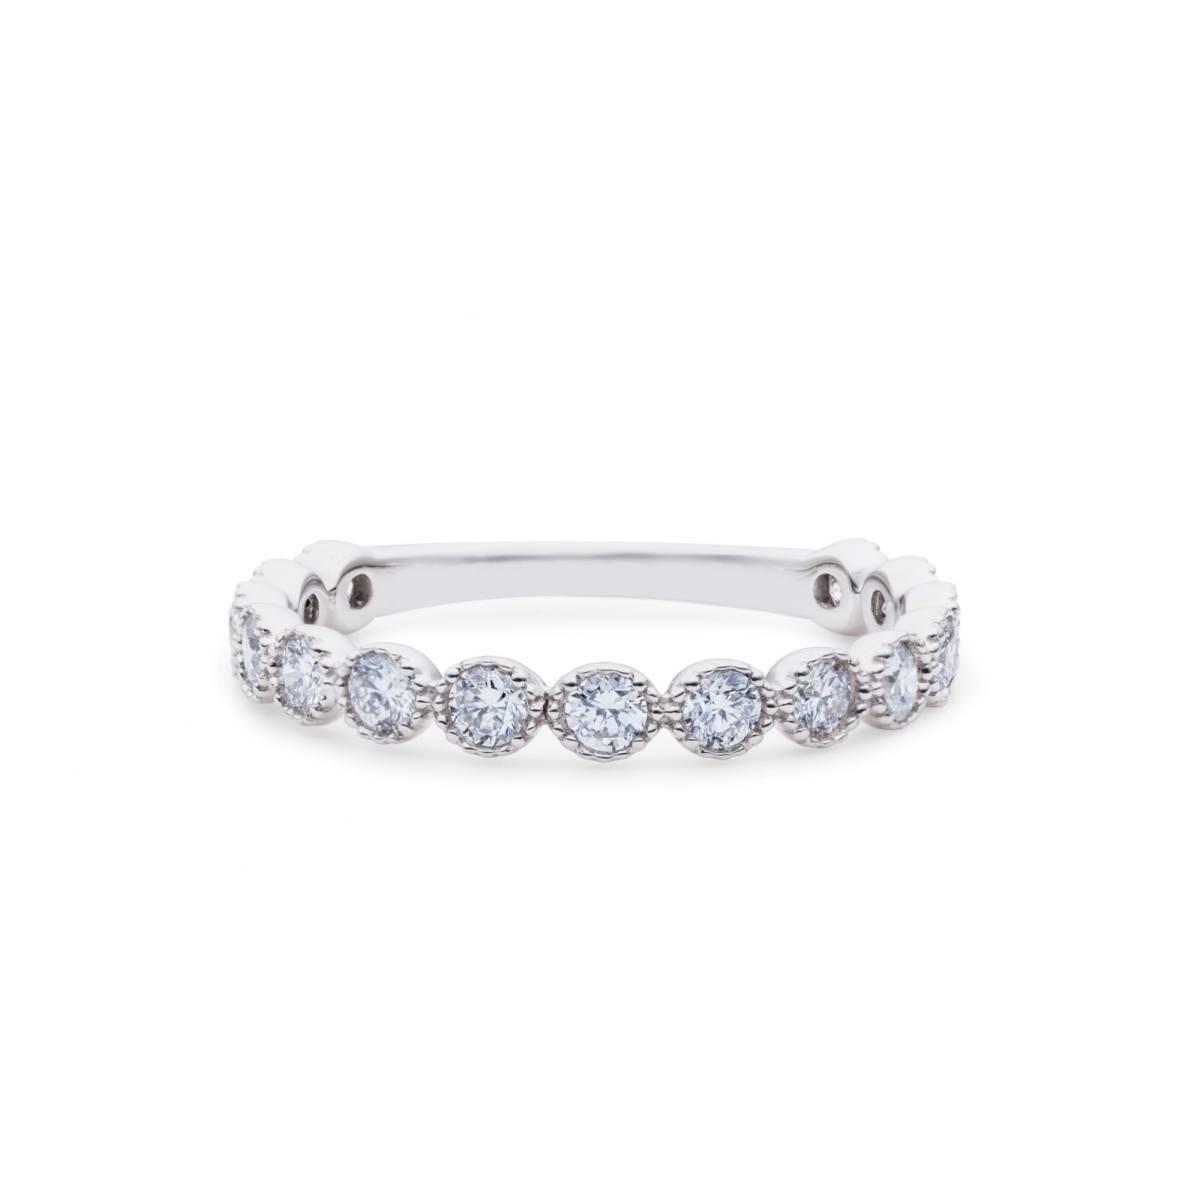 【size8号】ハード プラチナ pt900 天然diamond 0.53ct H&C 3/4 エタニティ リング【鑑別書付】_この最上級の輝きをお手元で・・・